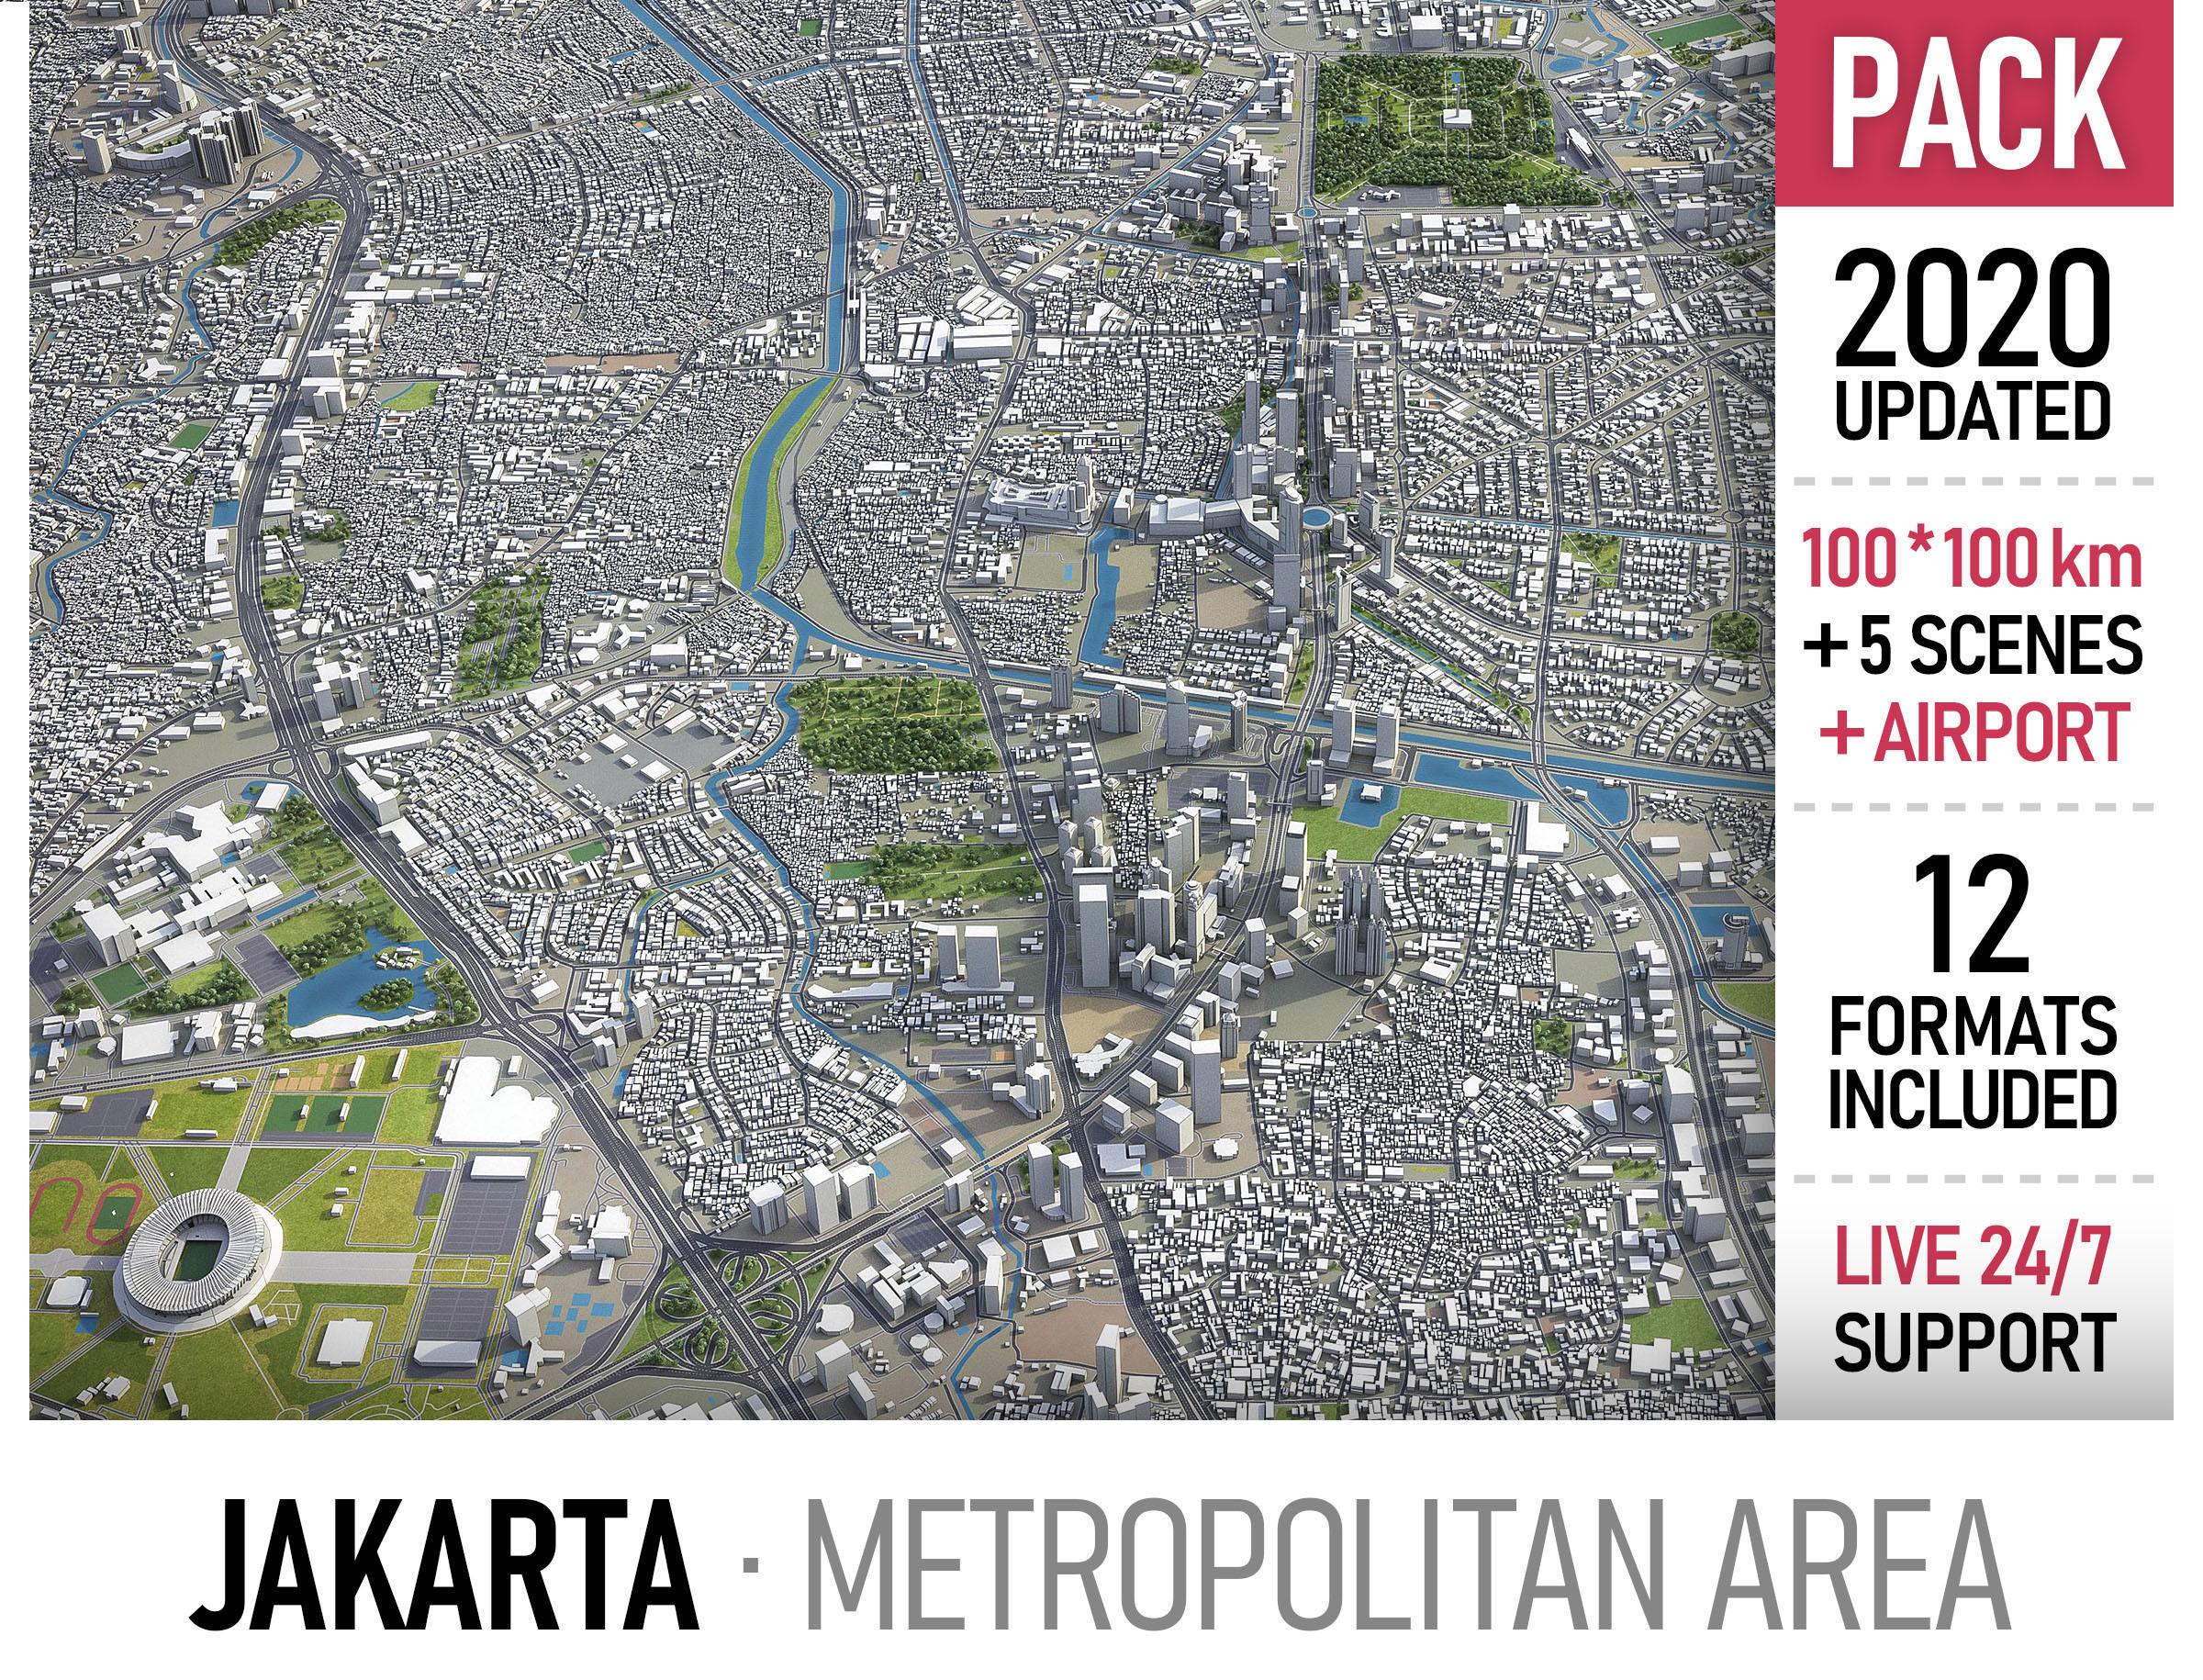 Jakarta Metropolitan